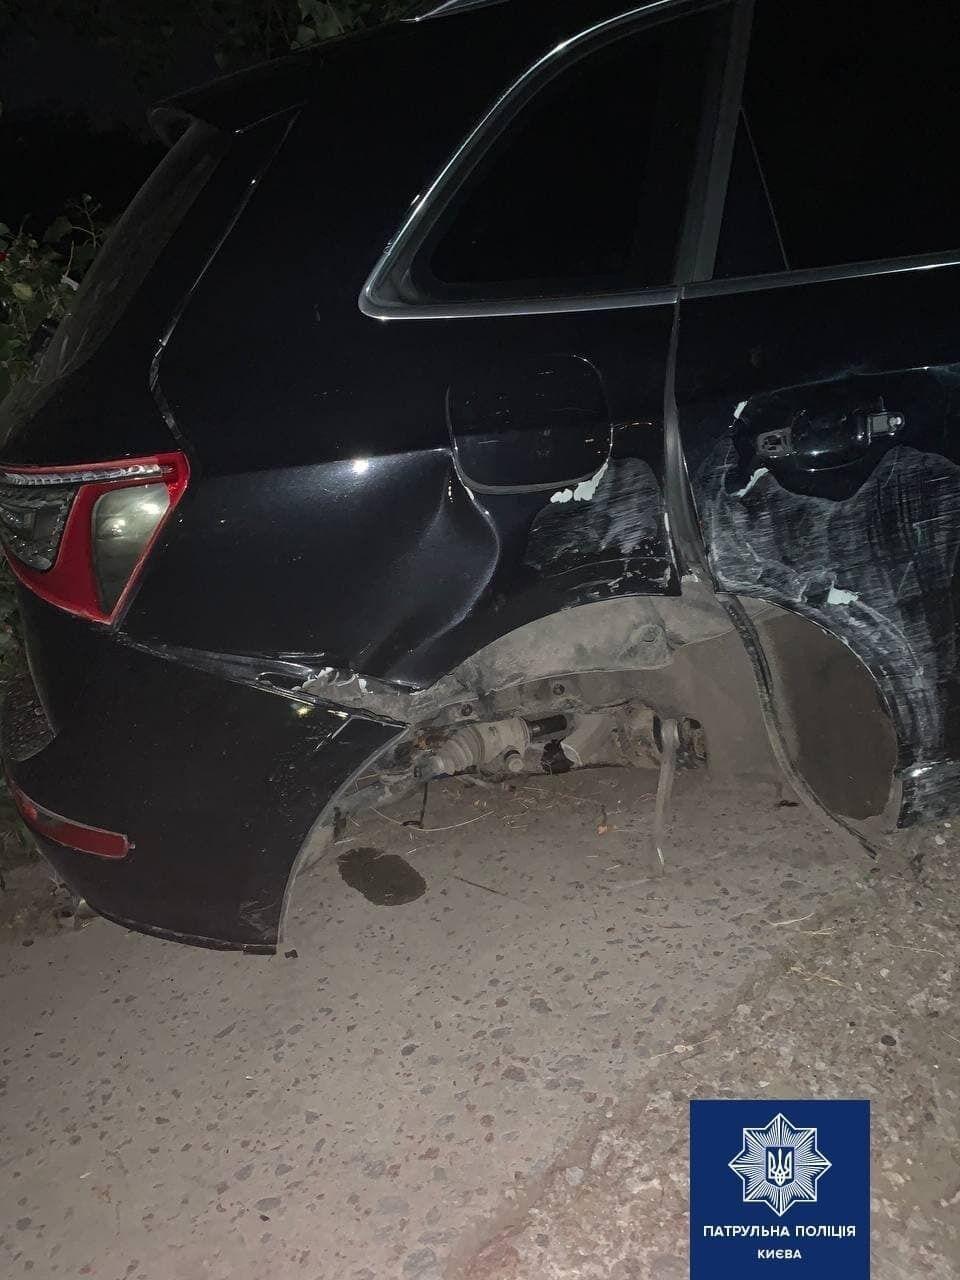 Автомобіль отримав серйозні механічні пошкодження.